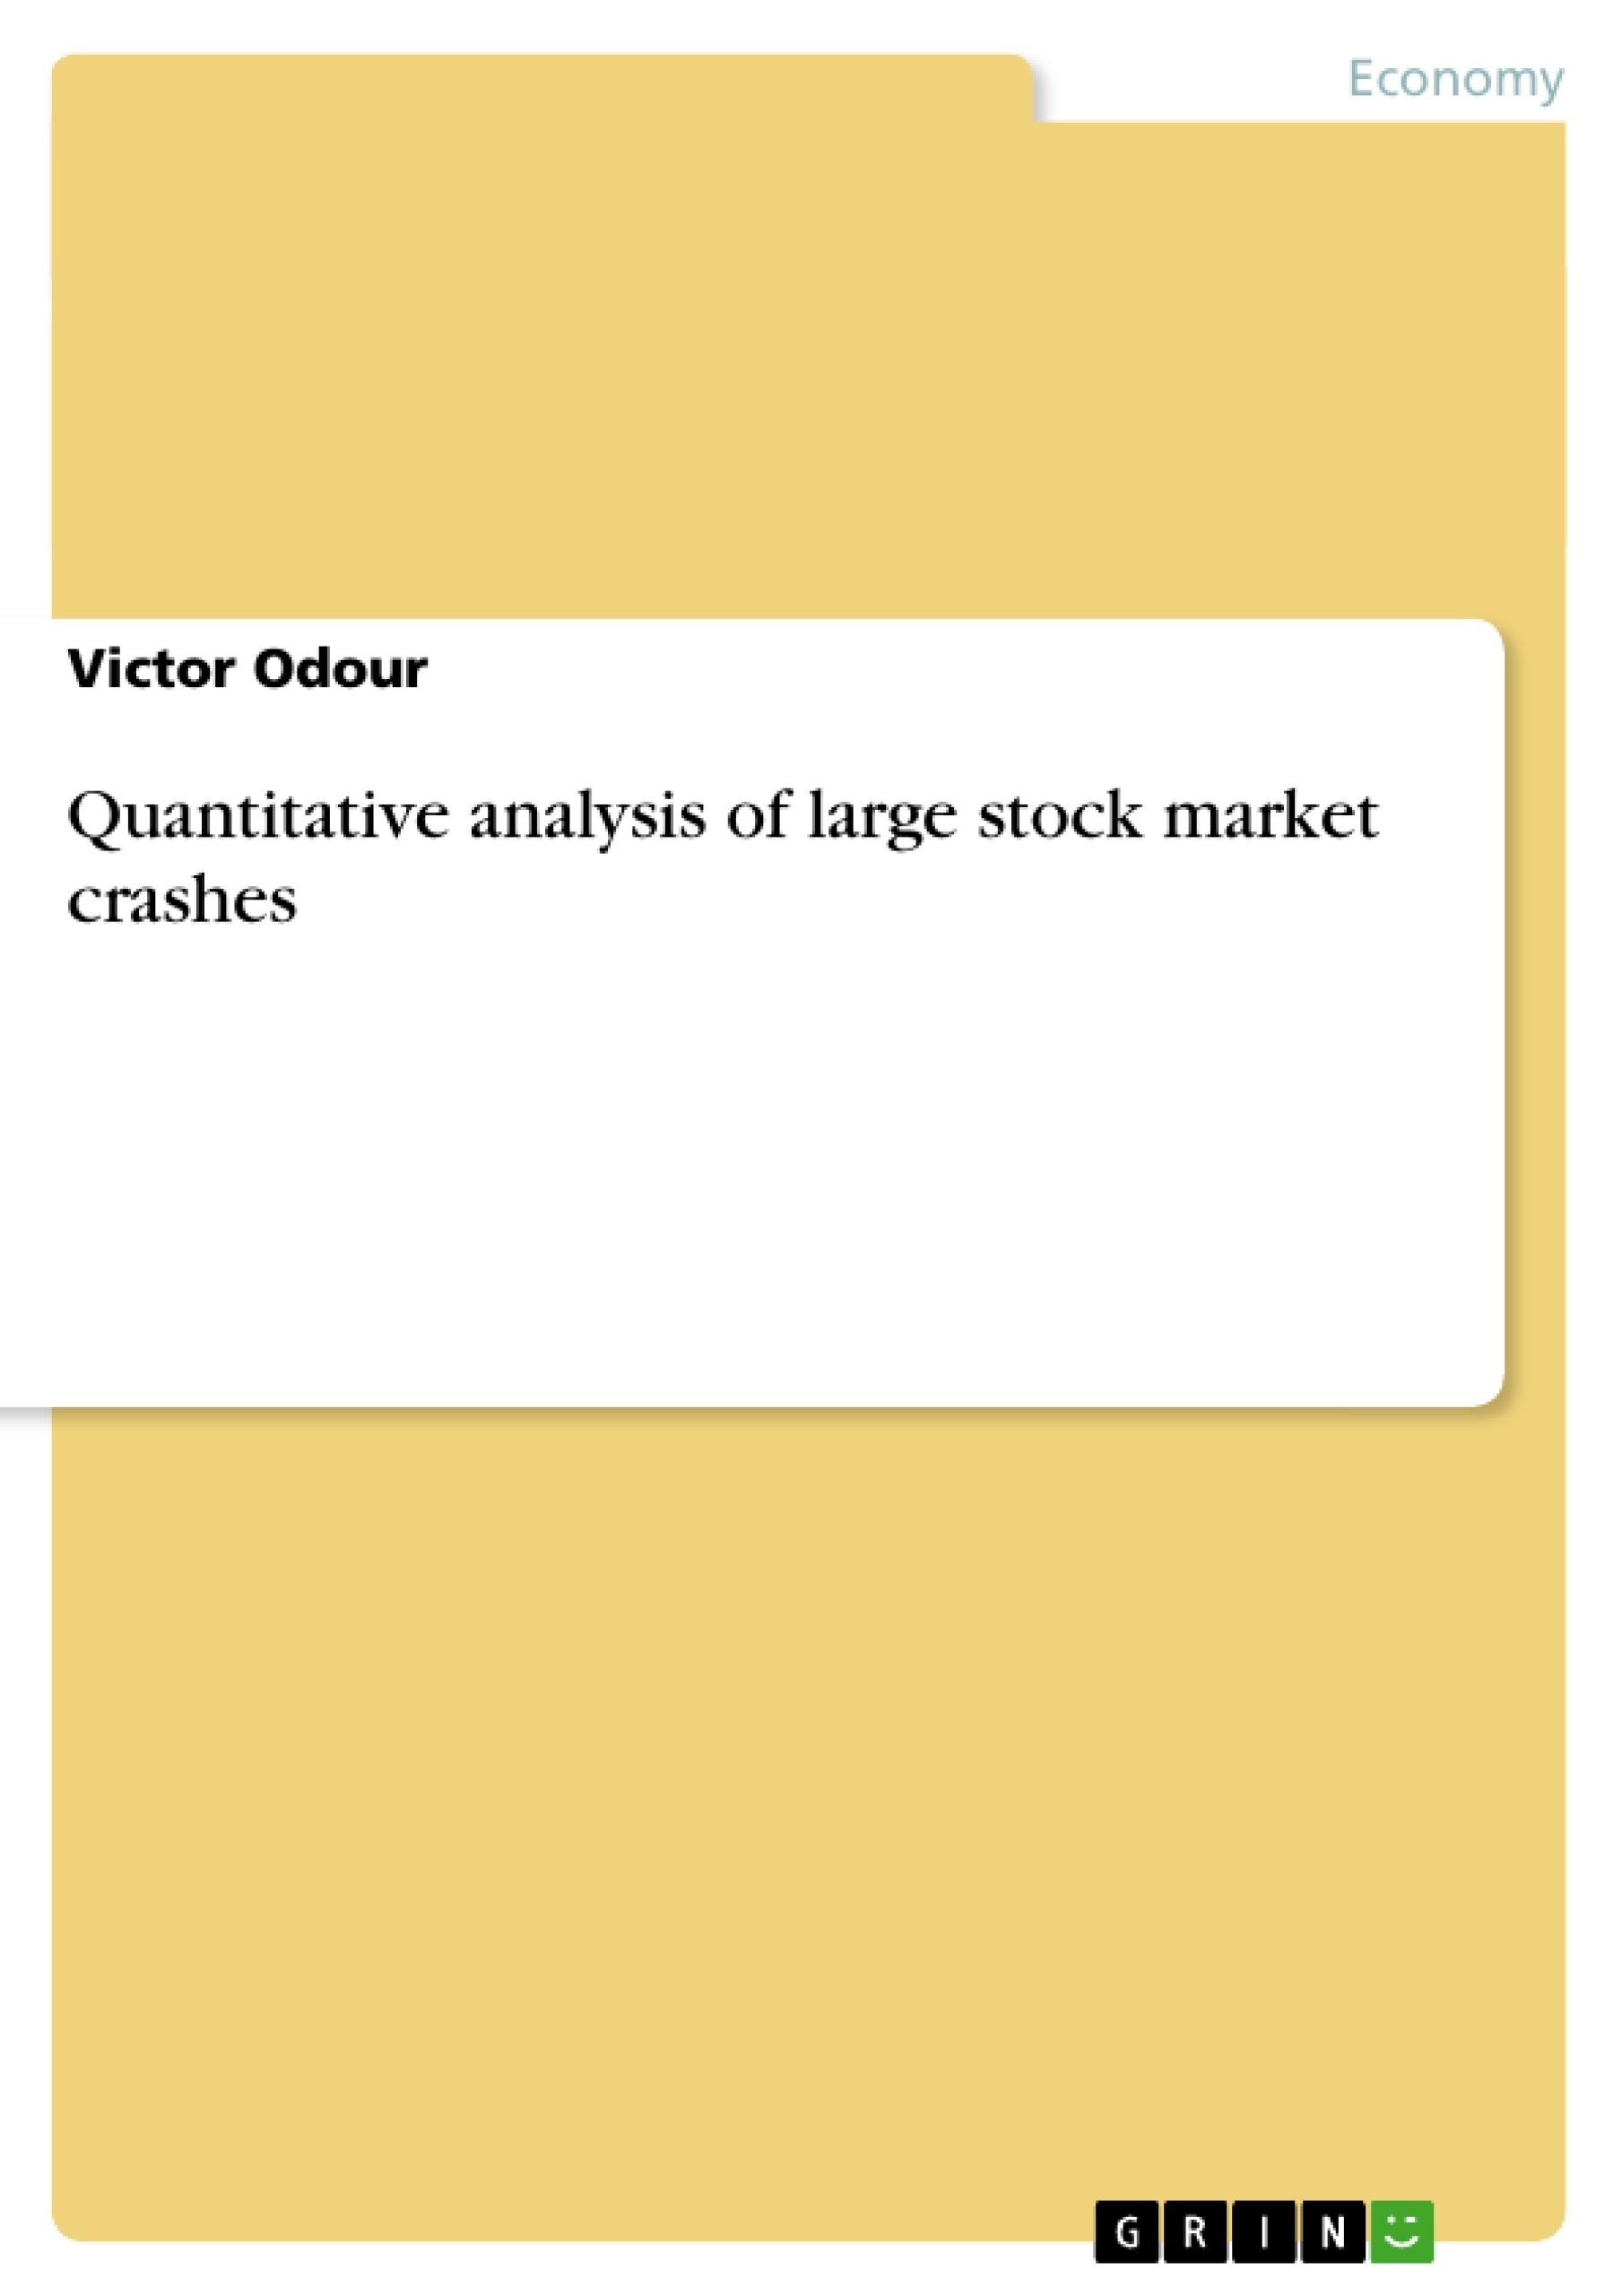 Title: Quantitative analysis of large stock market crashes